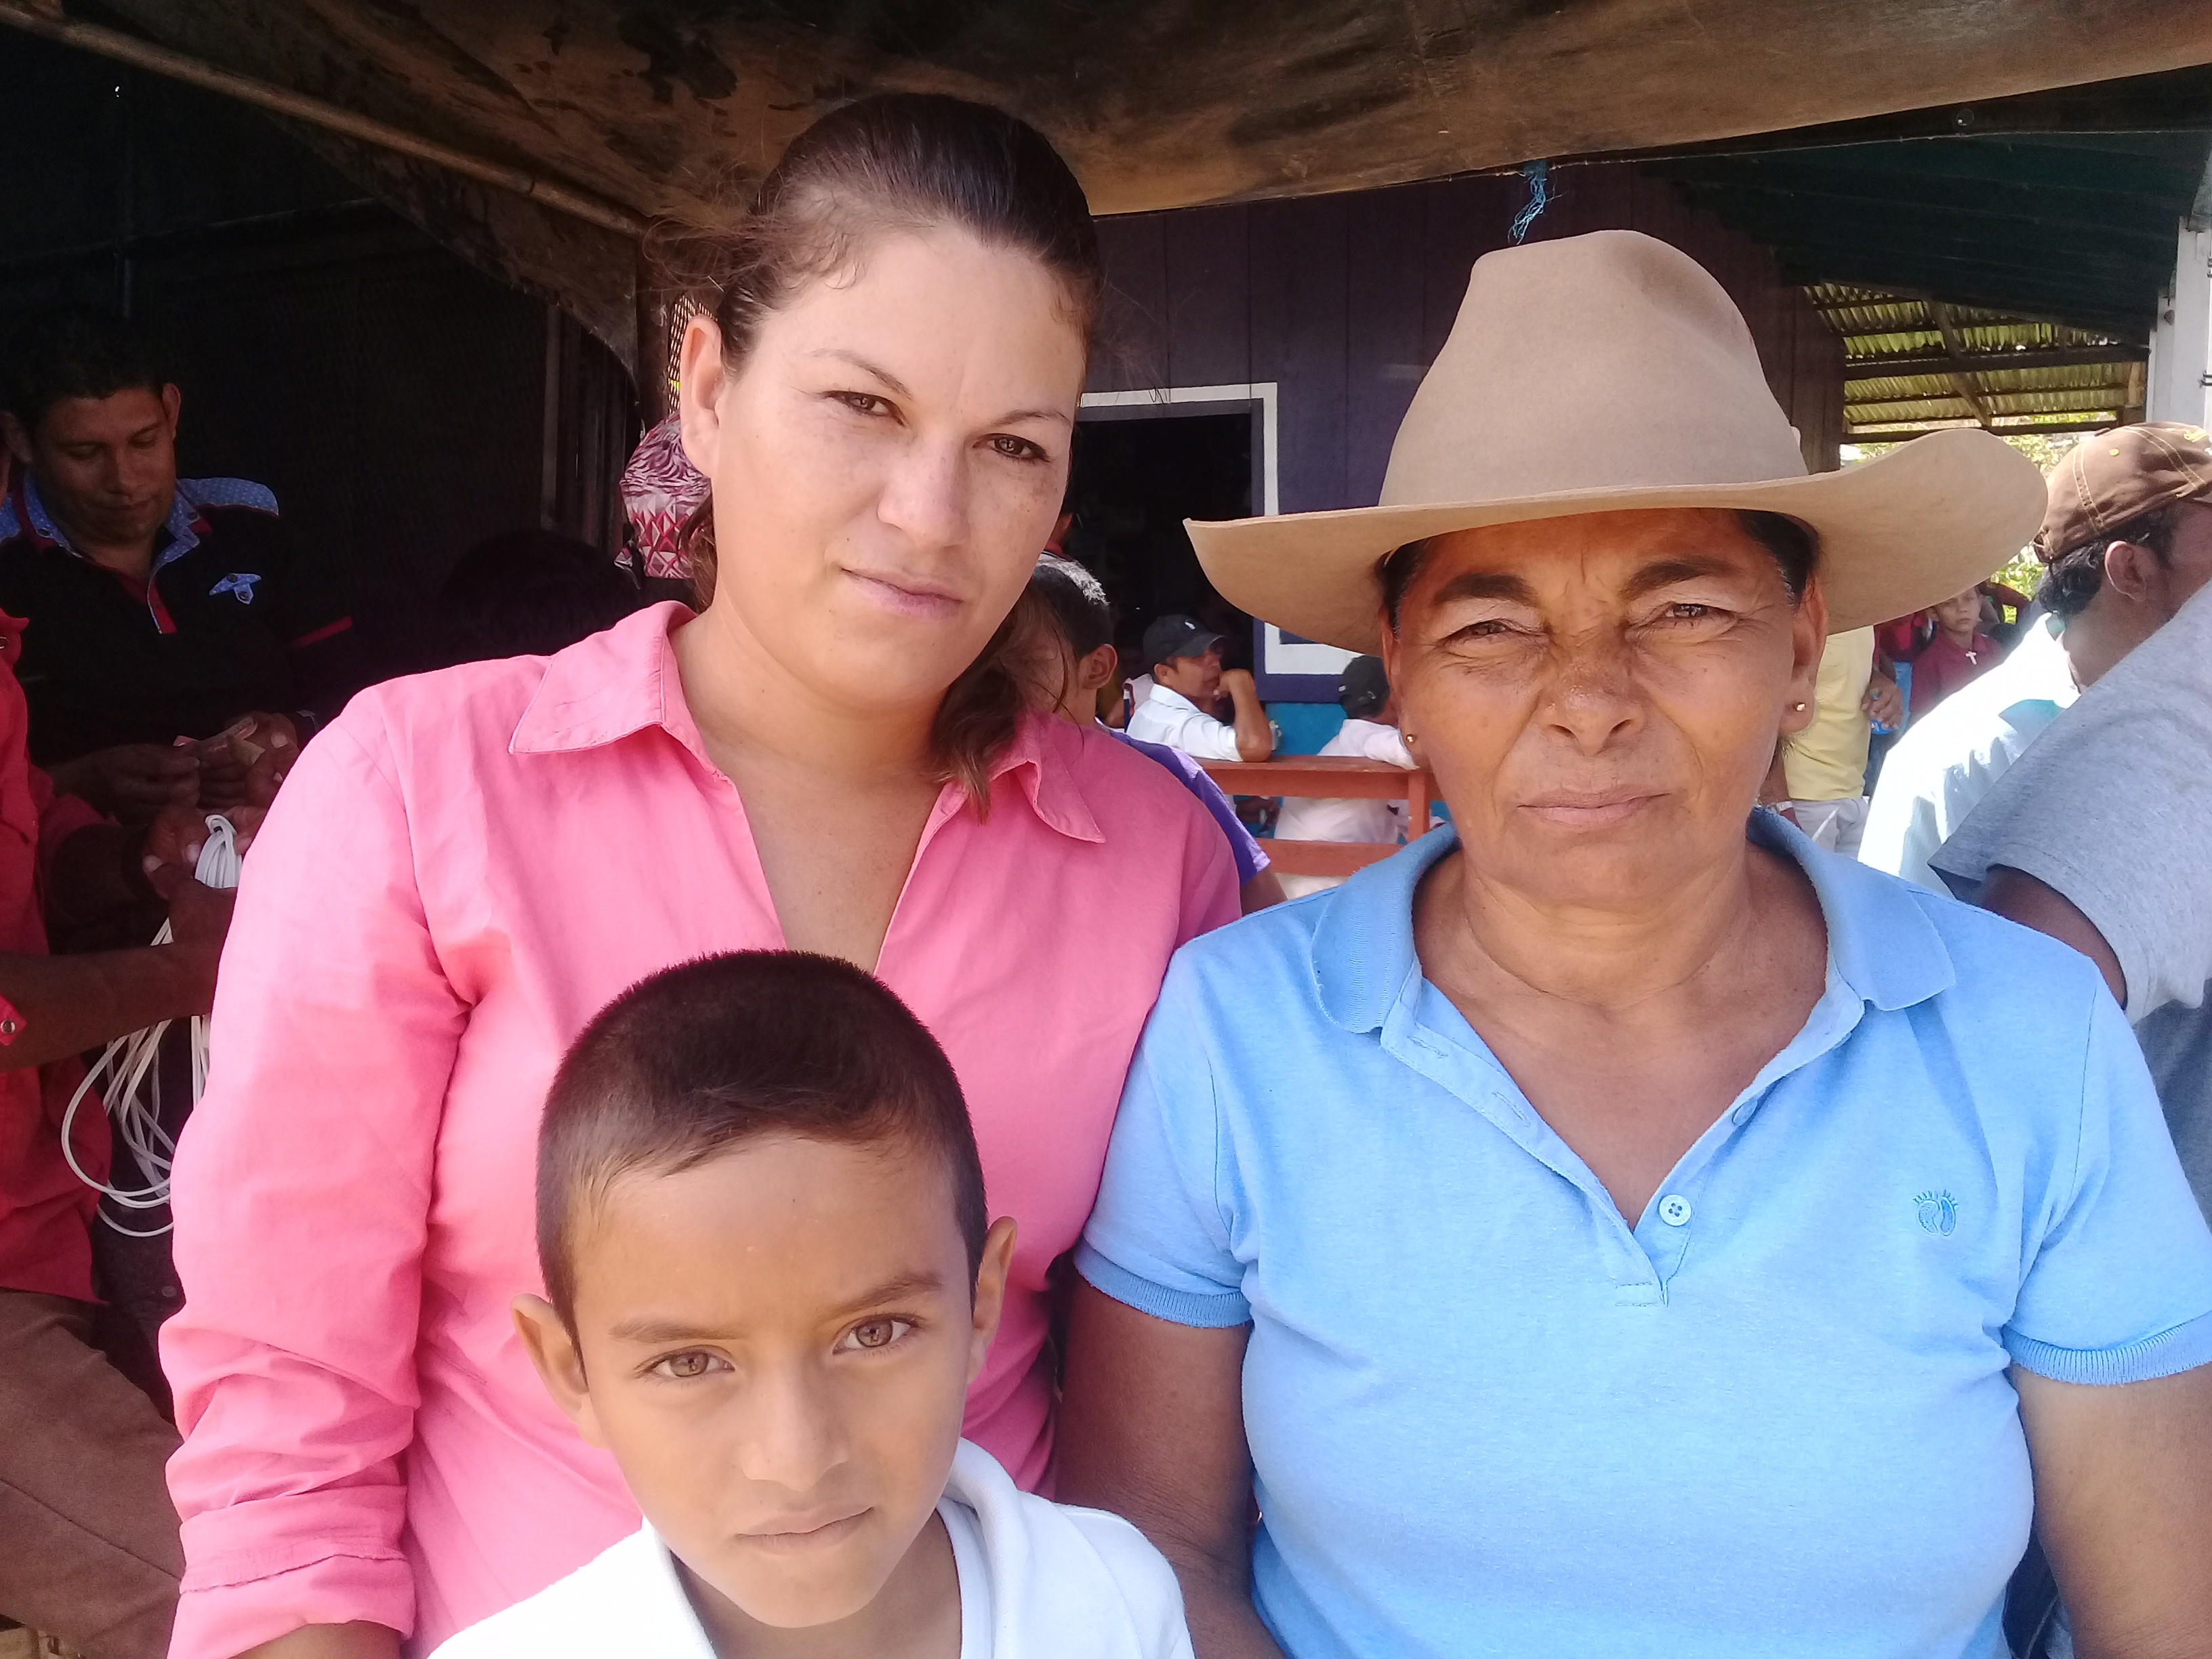 Pobladores de las comunidades El Dorado Marcharon contra el Canal. Fotografía/Abixael MG/Artículo66